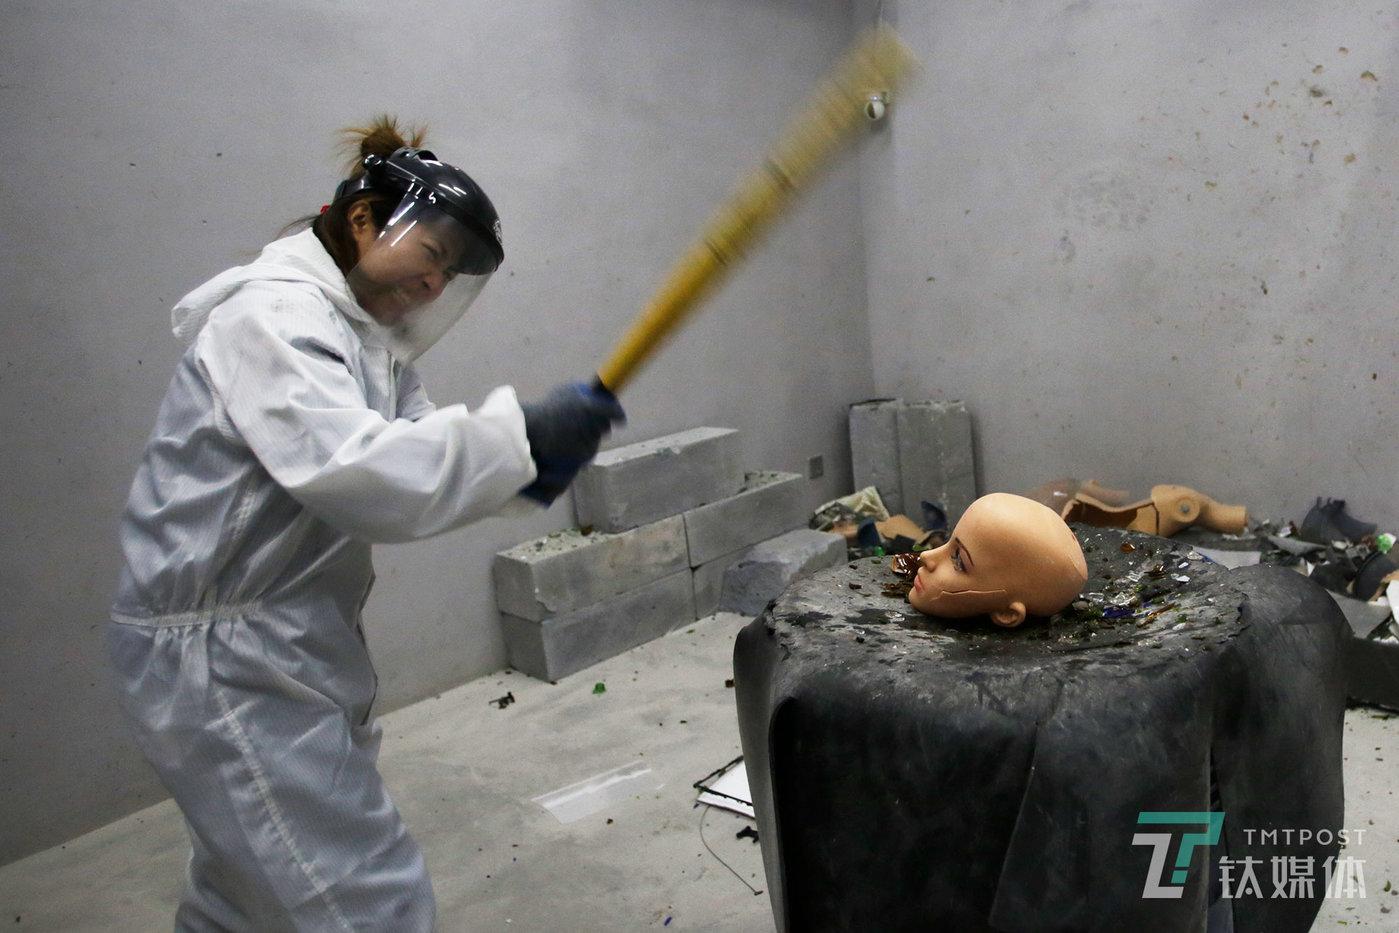 12月7日,北京798,一家名为Smash House的发泄屋,一名全副武装的顾客举起棒球棍砸向模特假人的脑袋。